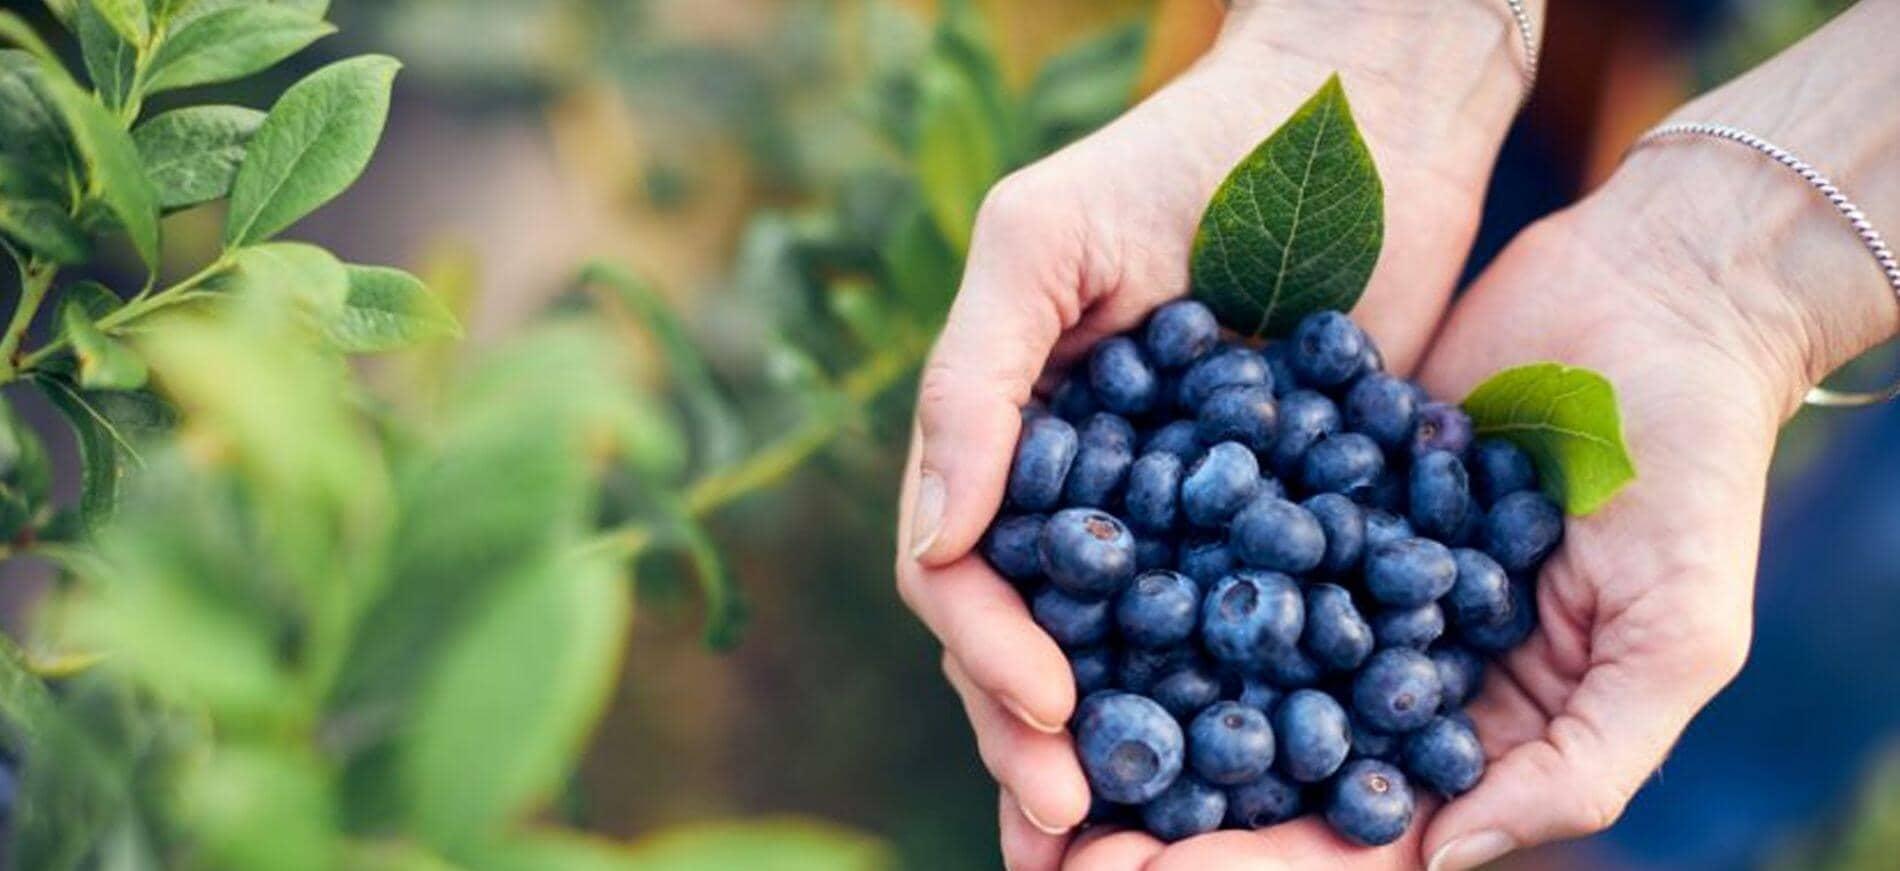 Venta online de planta de arándanos y frutos del bosque